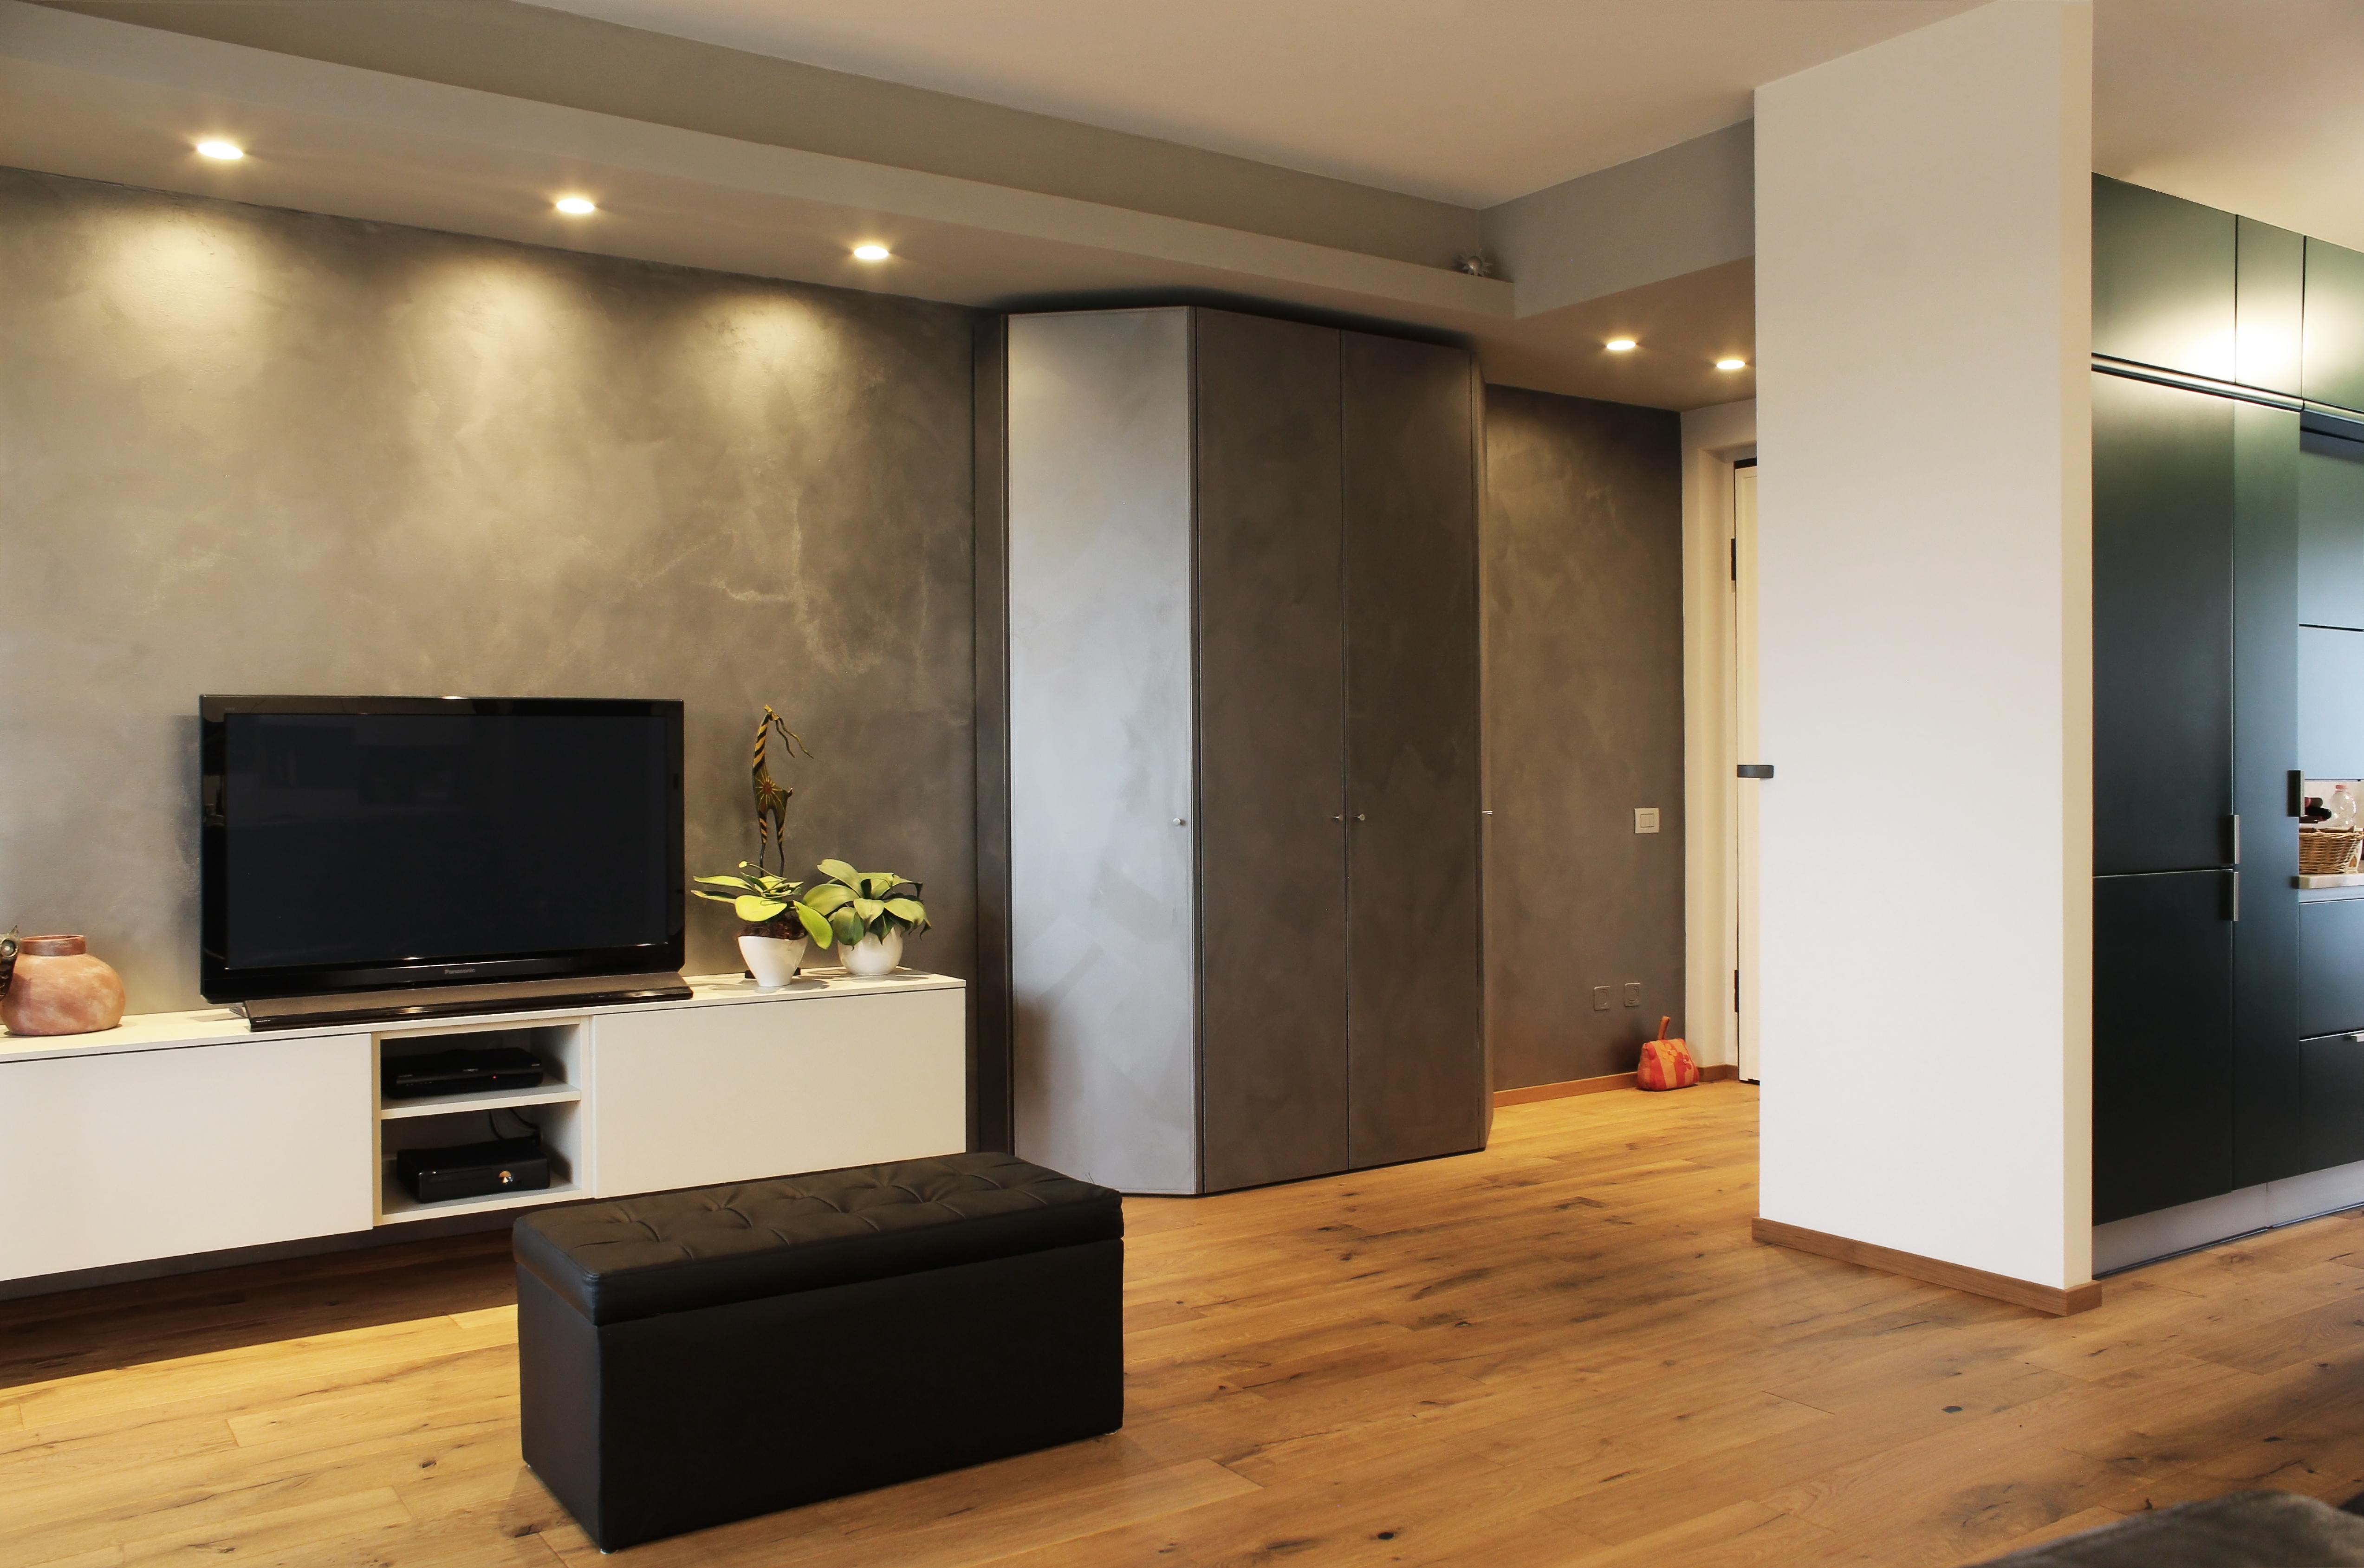 Ristutturazione appartamento Cavenago 1